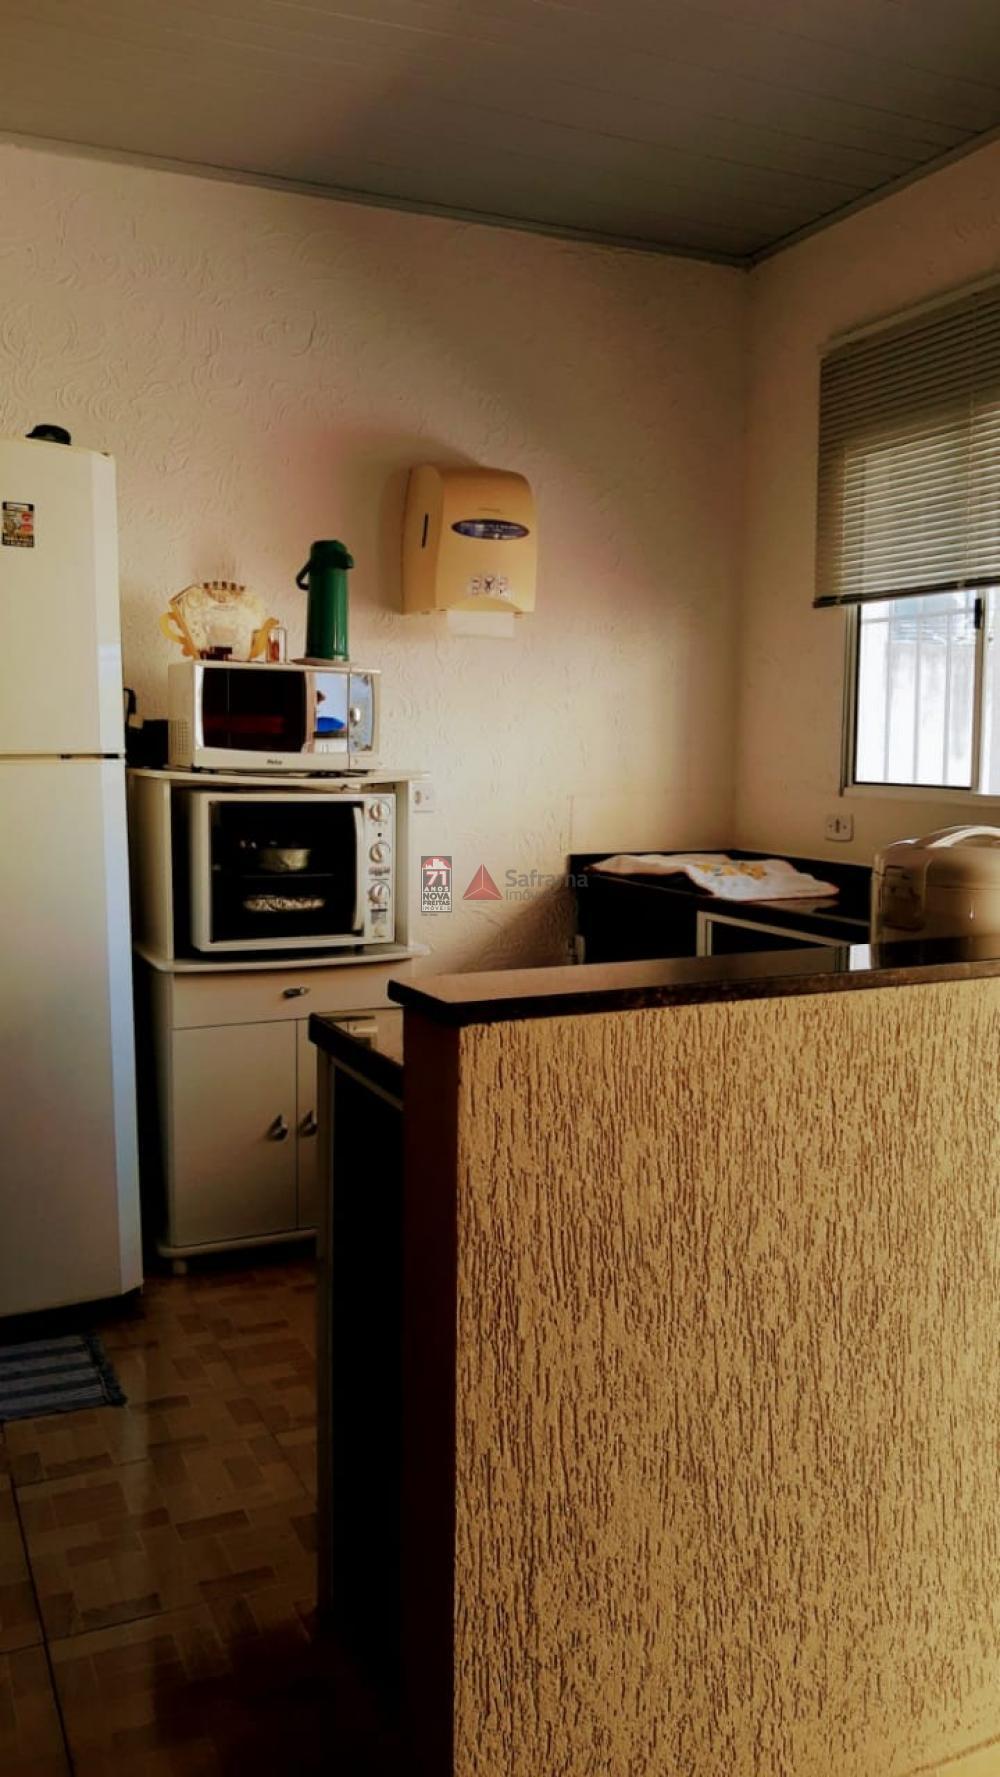 Comprar Casa / Padrão em Caraguatatuba R$ 370.000,00 - Foto 14